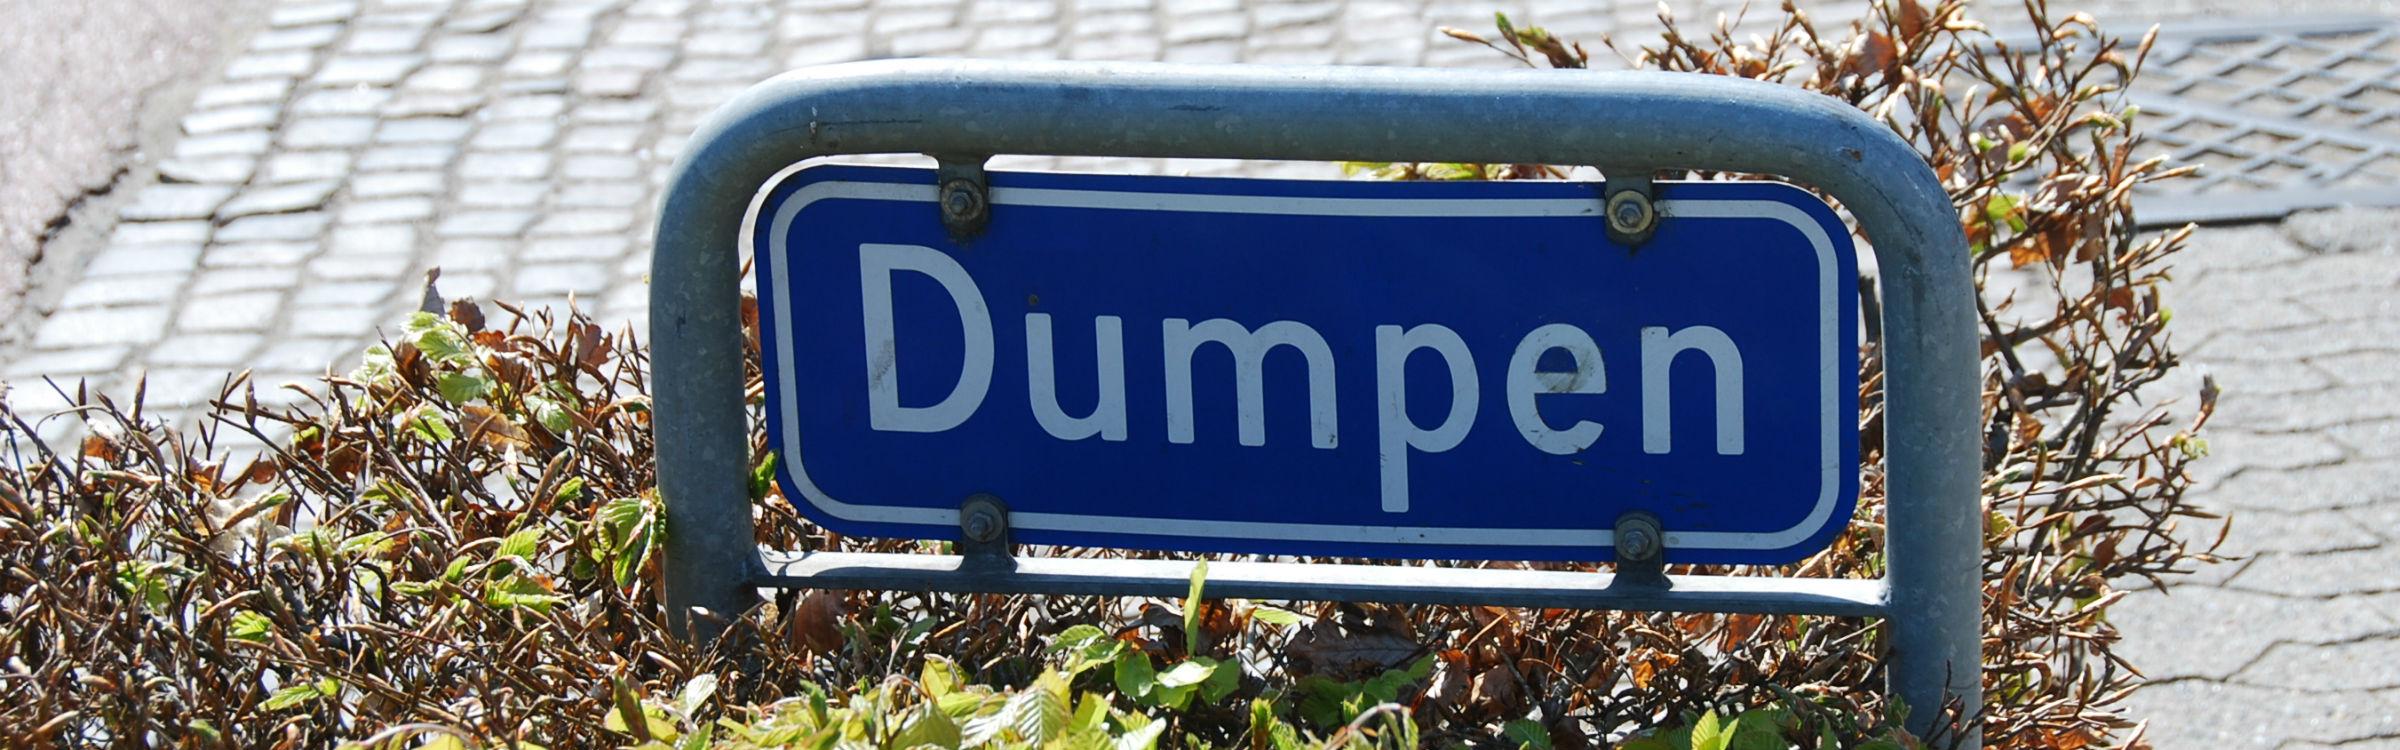 Dumpen header